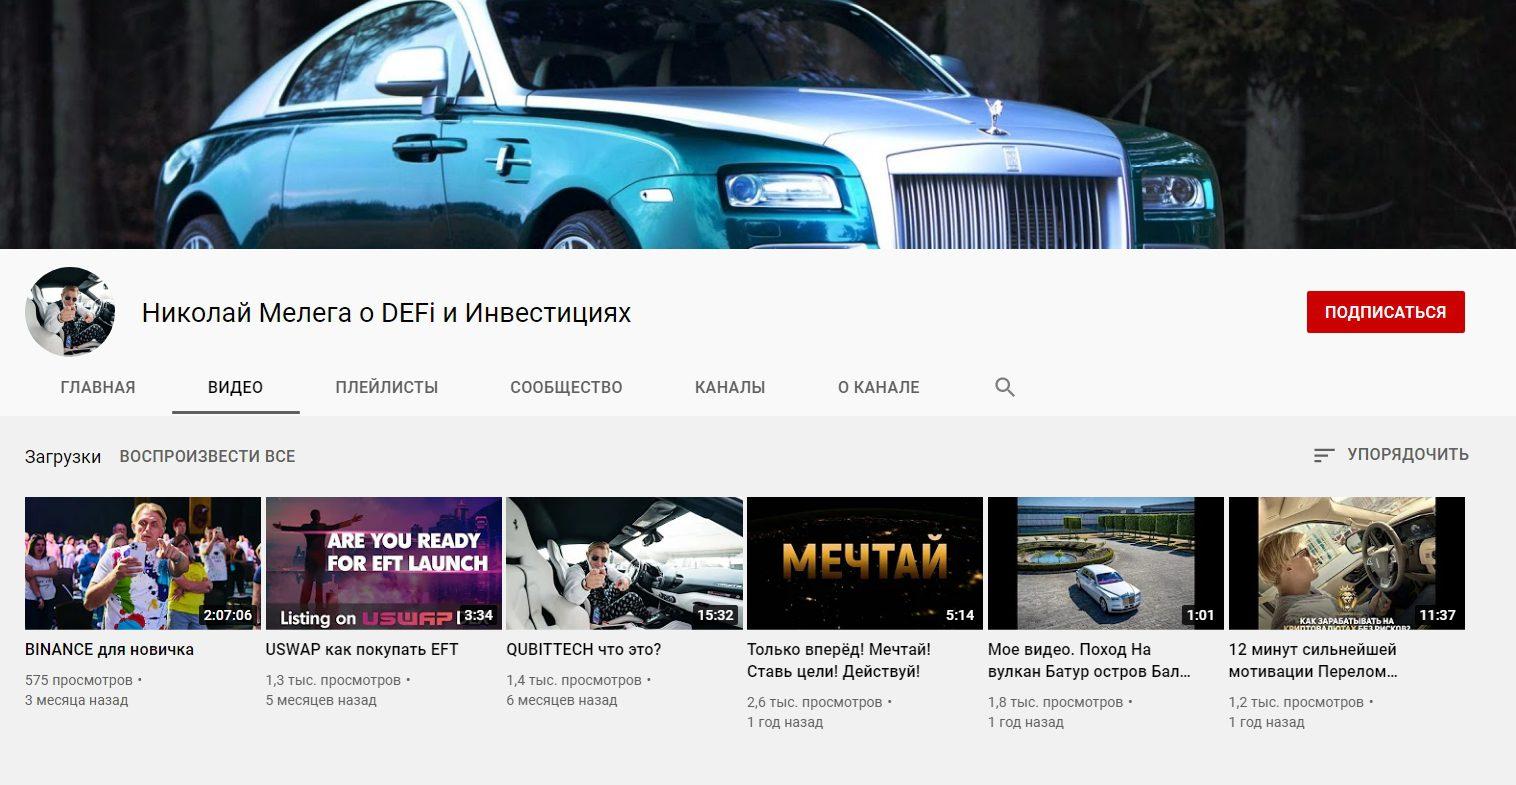 Ютуб канал Николая Мелега